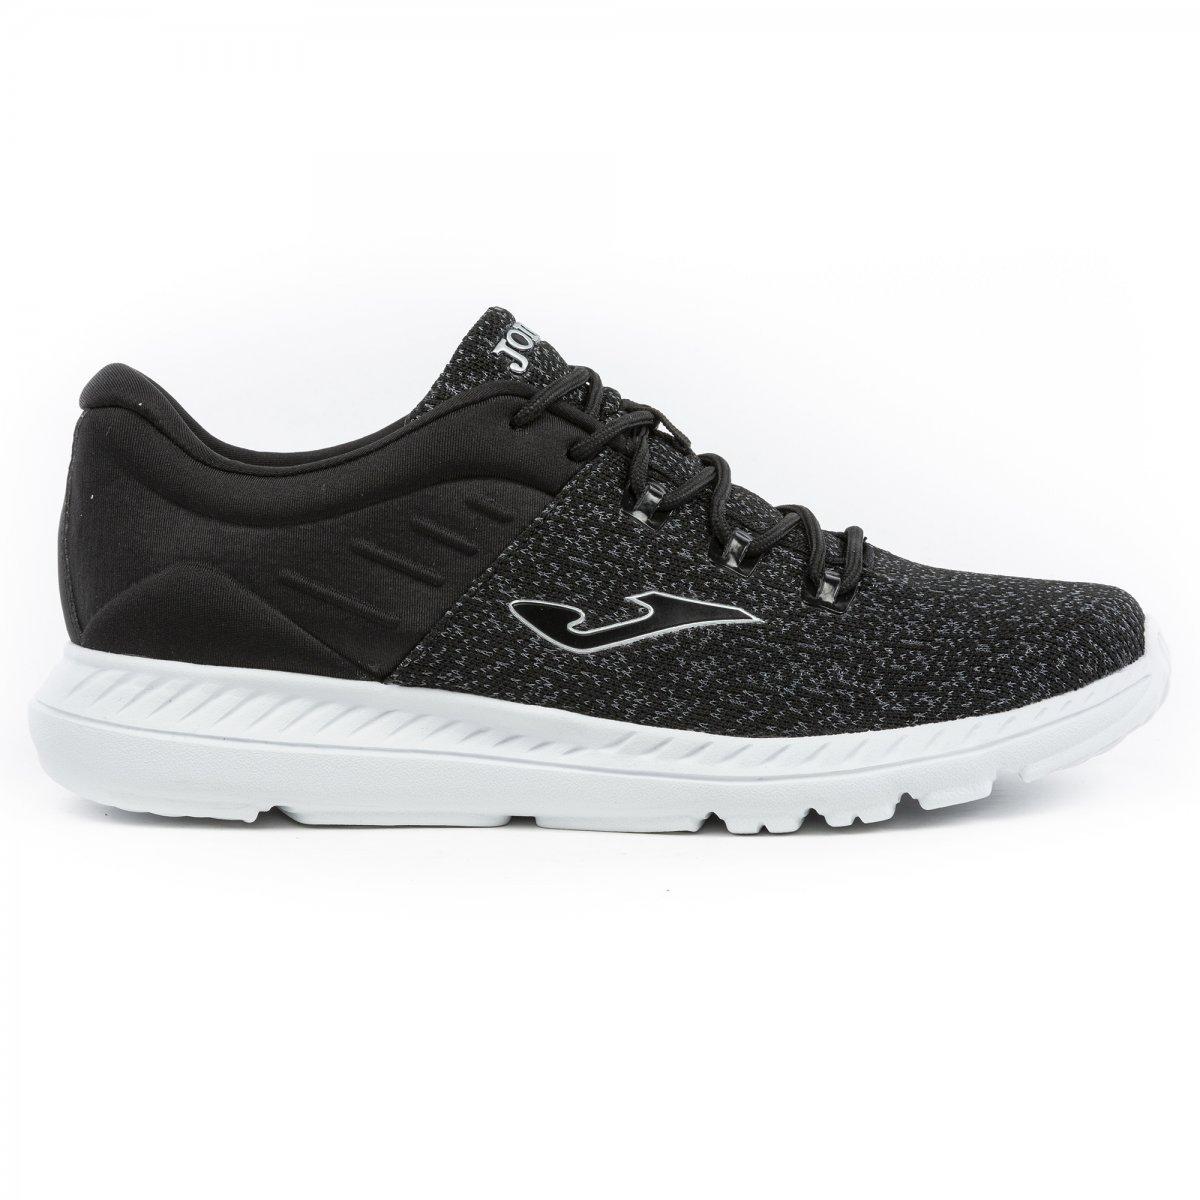 Men's Sneaker Shoe | Joma